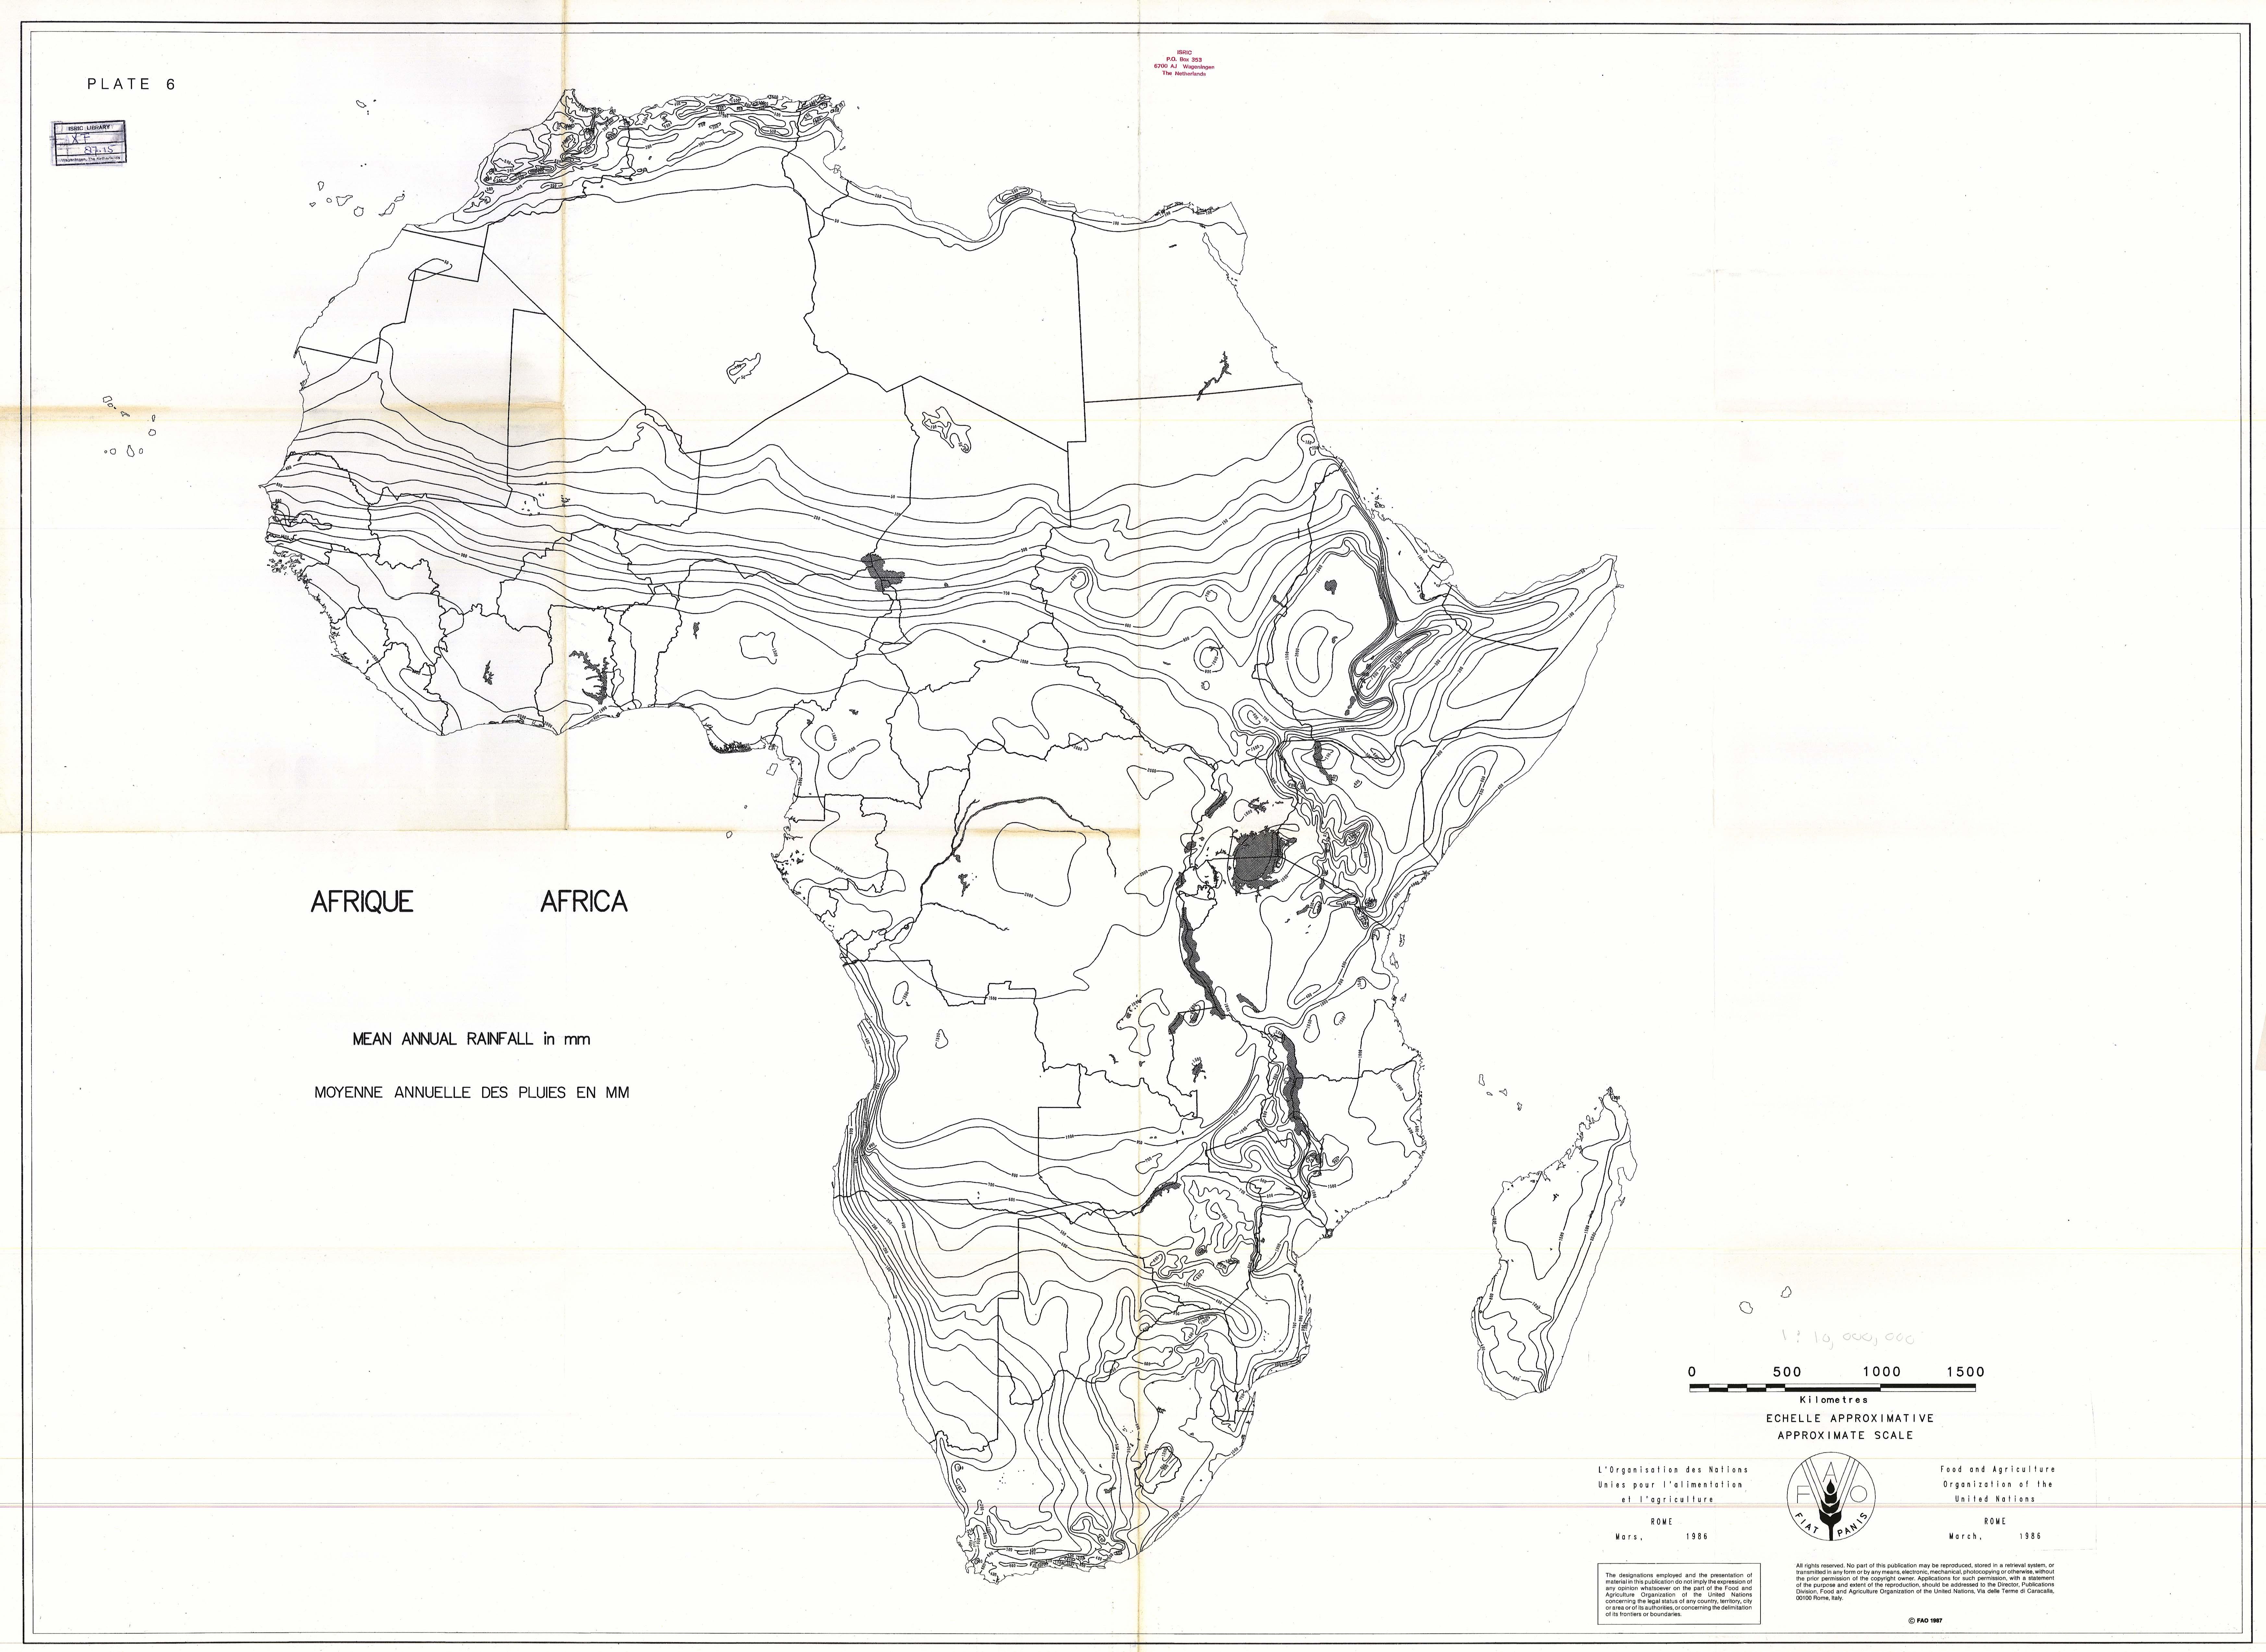 Precipitación media anual en mm en África 1987